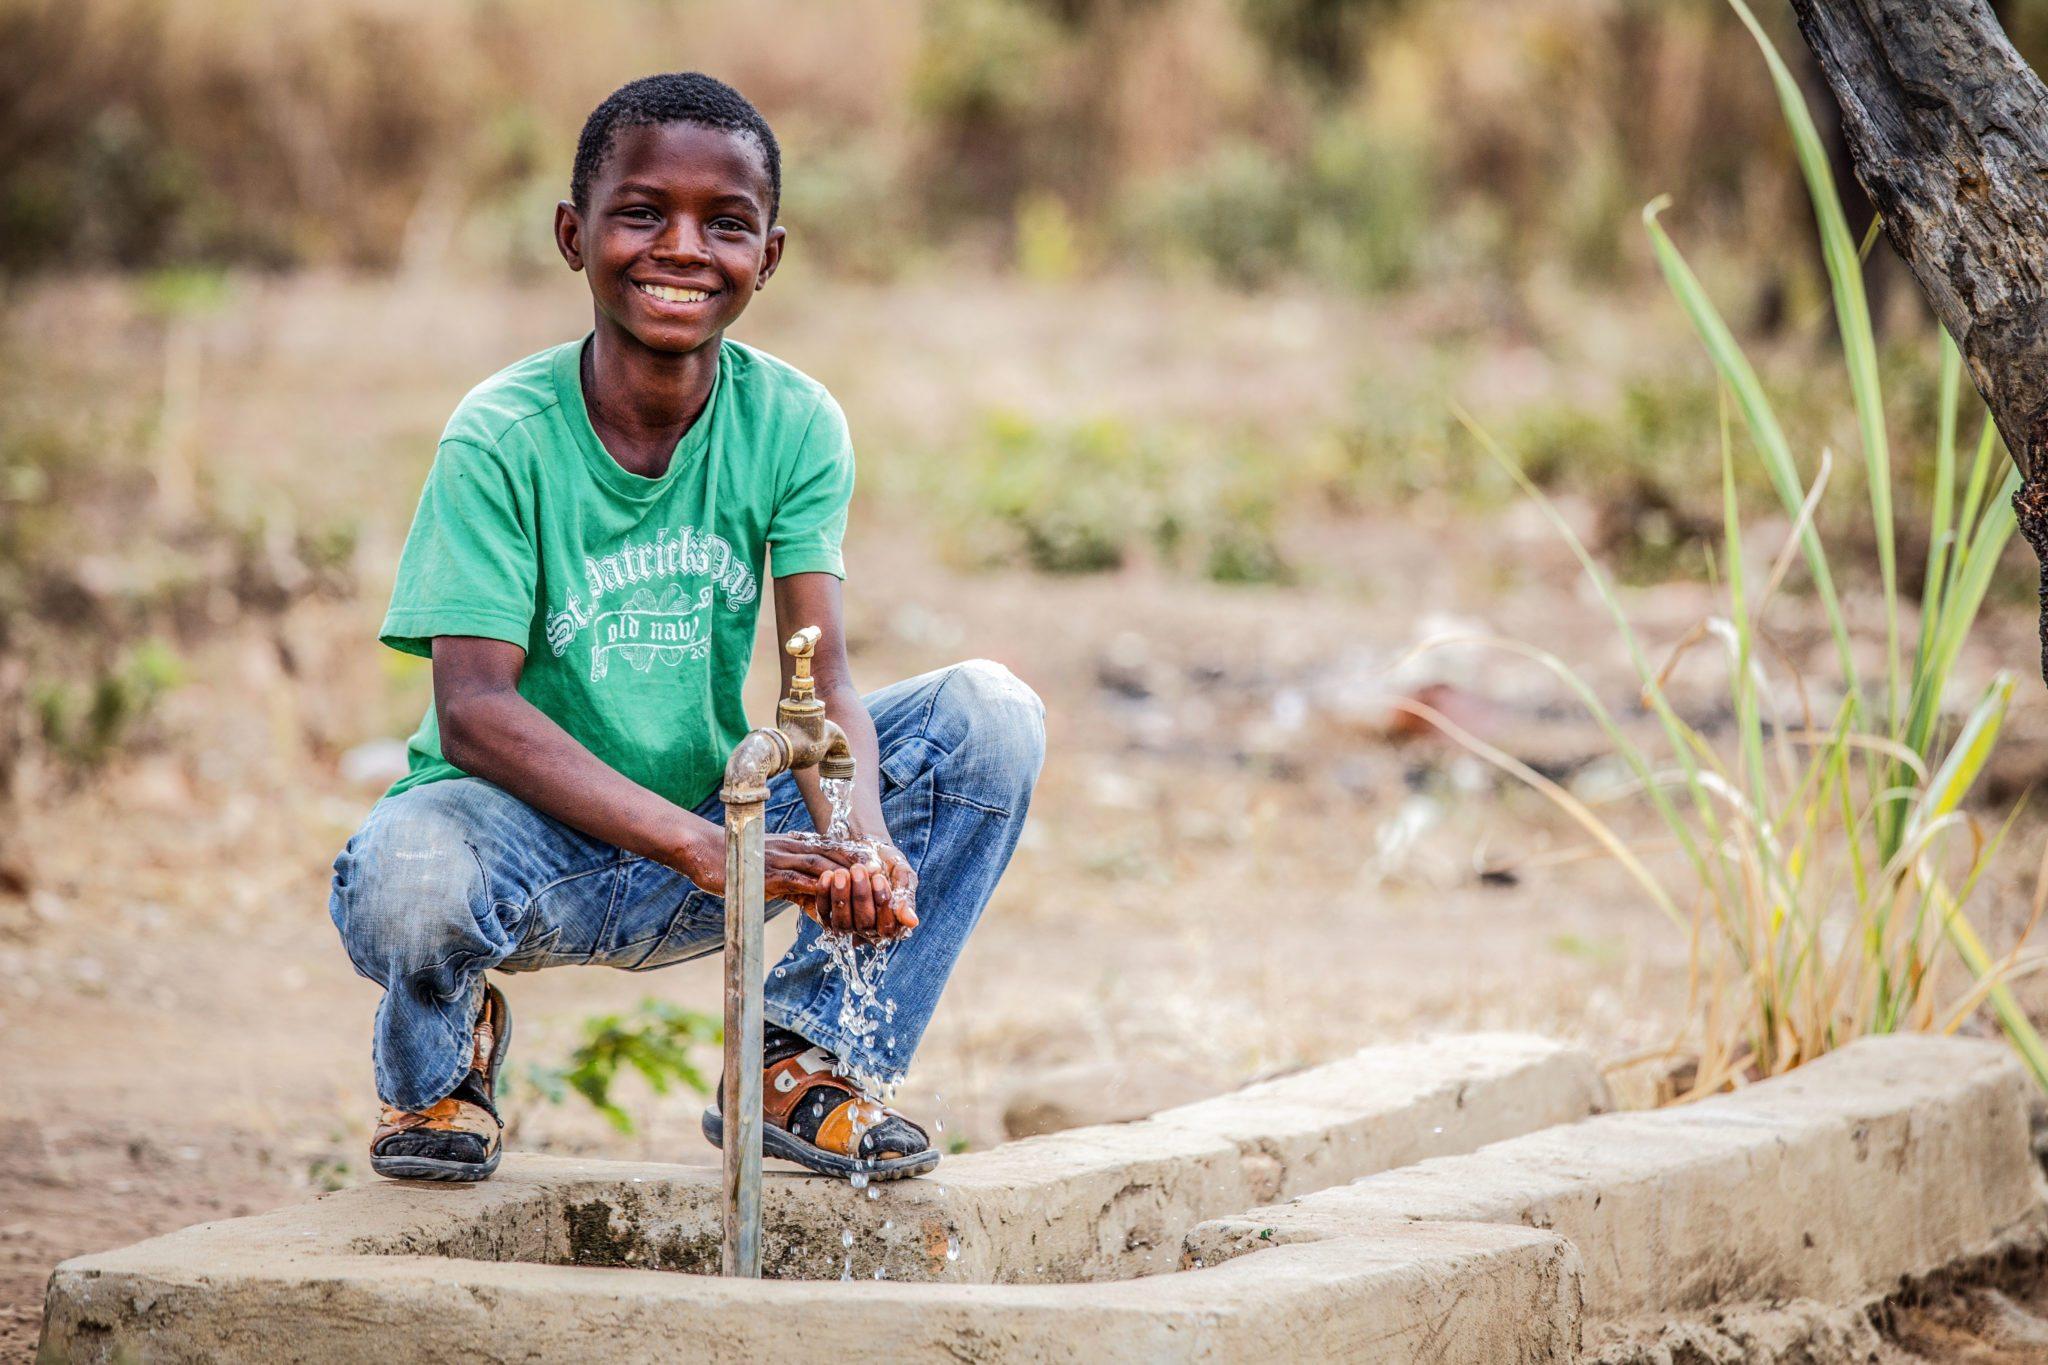 African wells